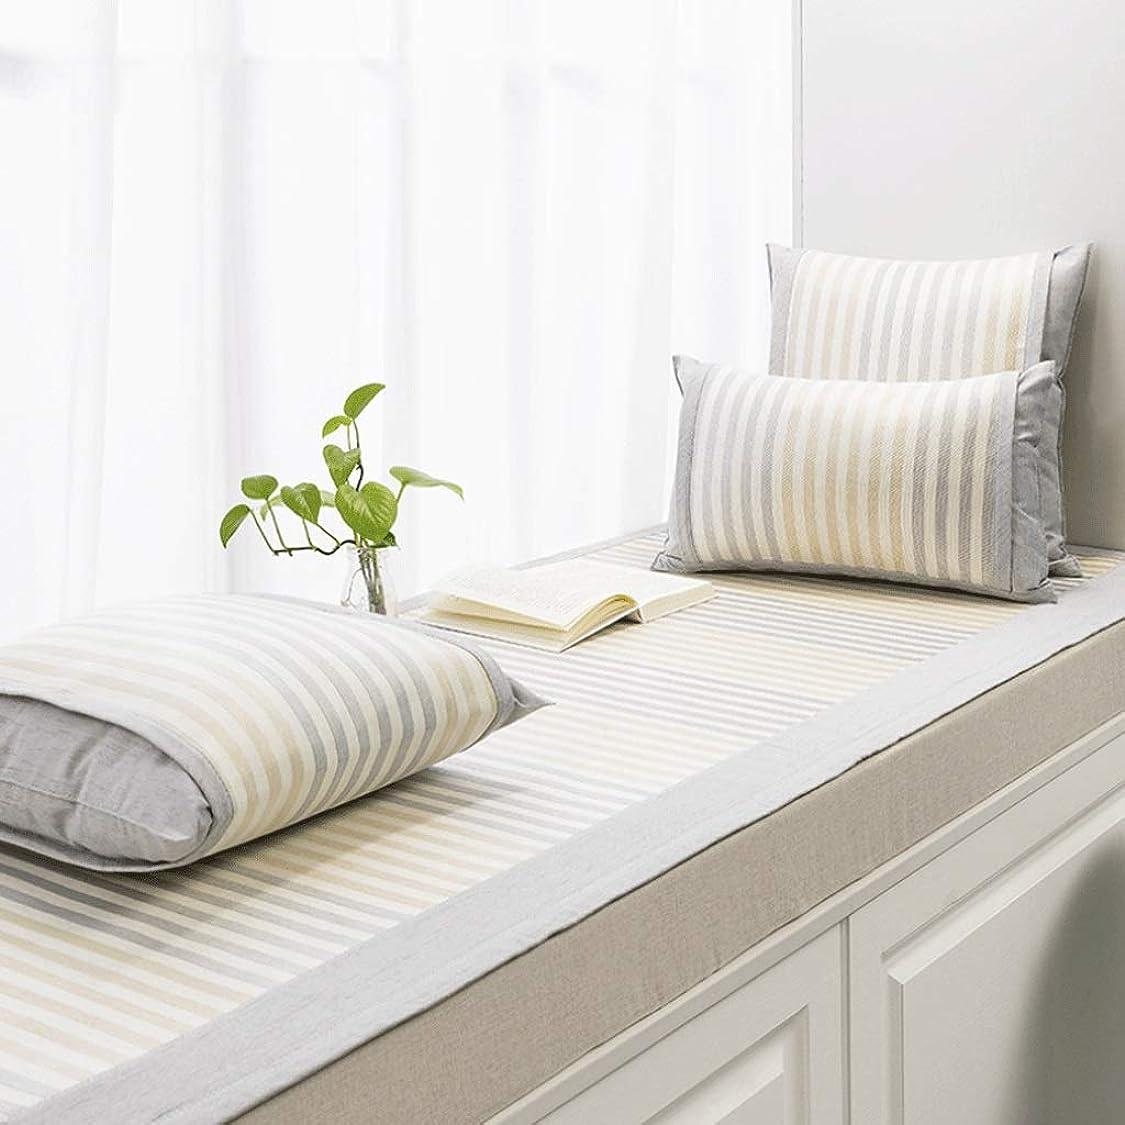 有益なディスカウント次出窓クッション/出窓毛布/バルコニーマット/滑り止め畳のクッション/フロート窓マット/複数の色と複数のサイズ (Color : H, Size : 80×180CM)